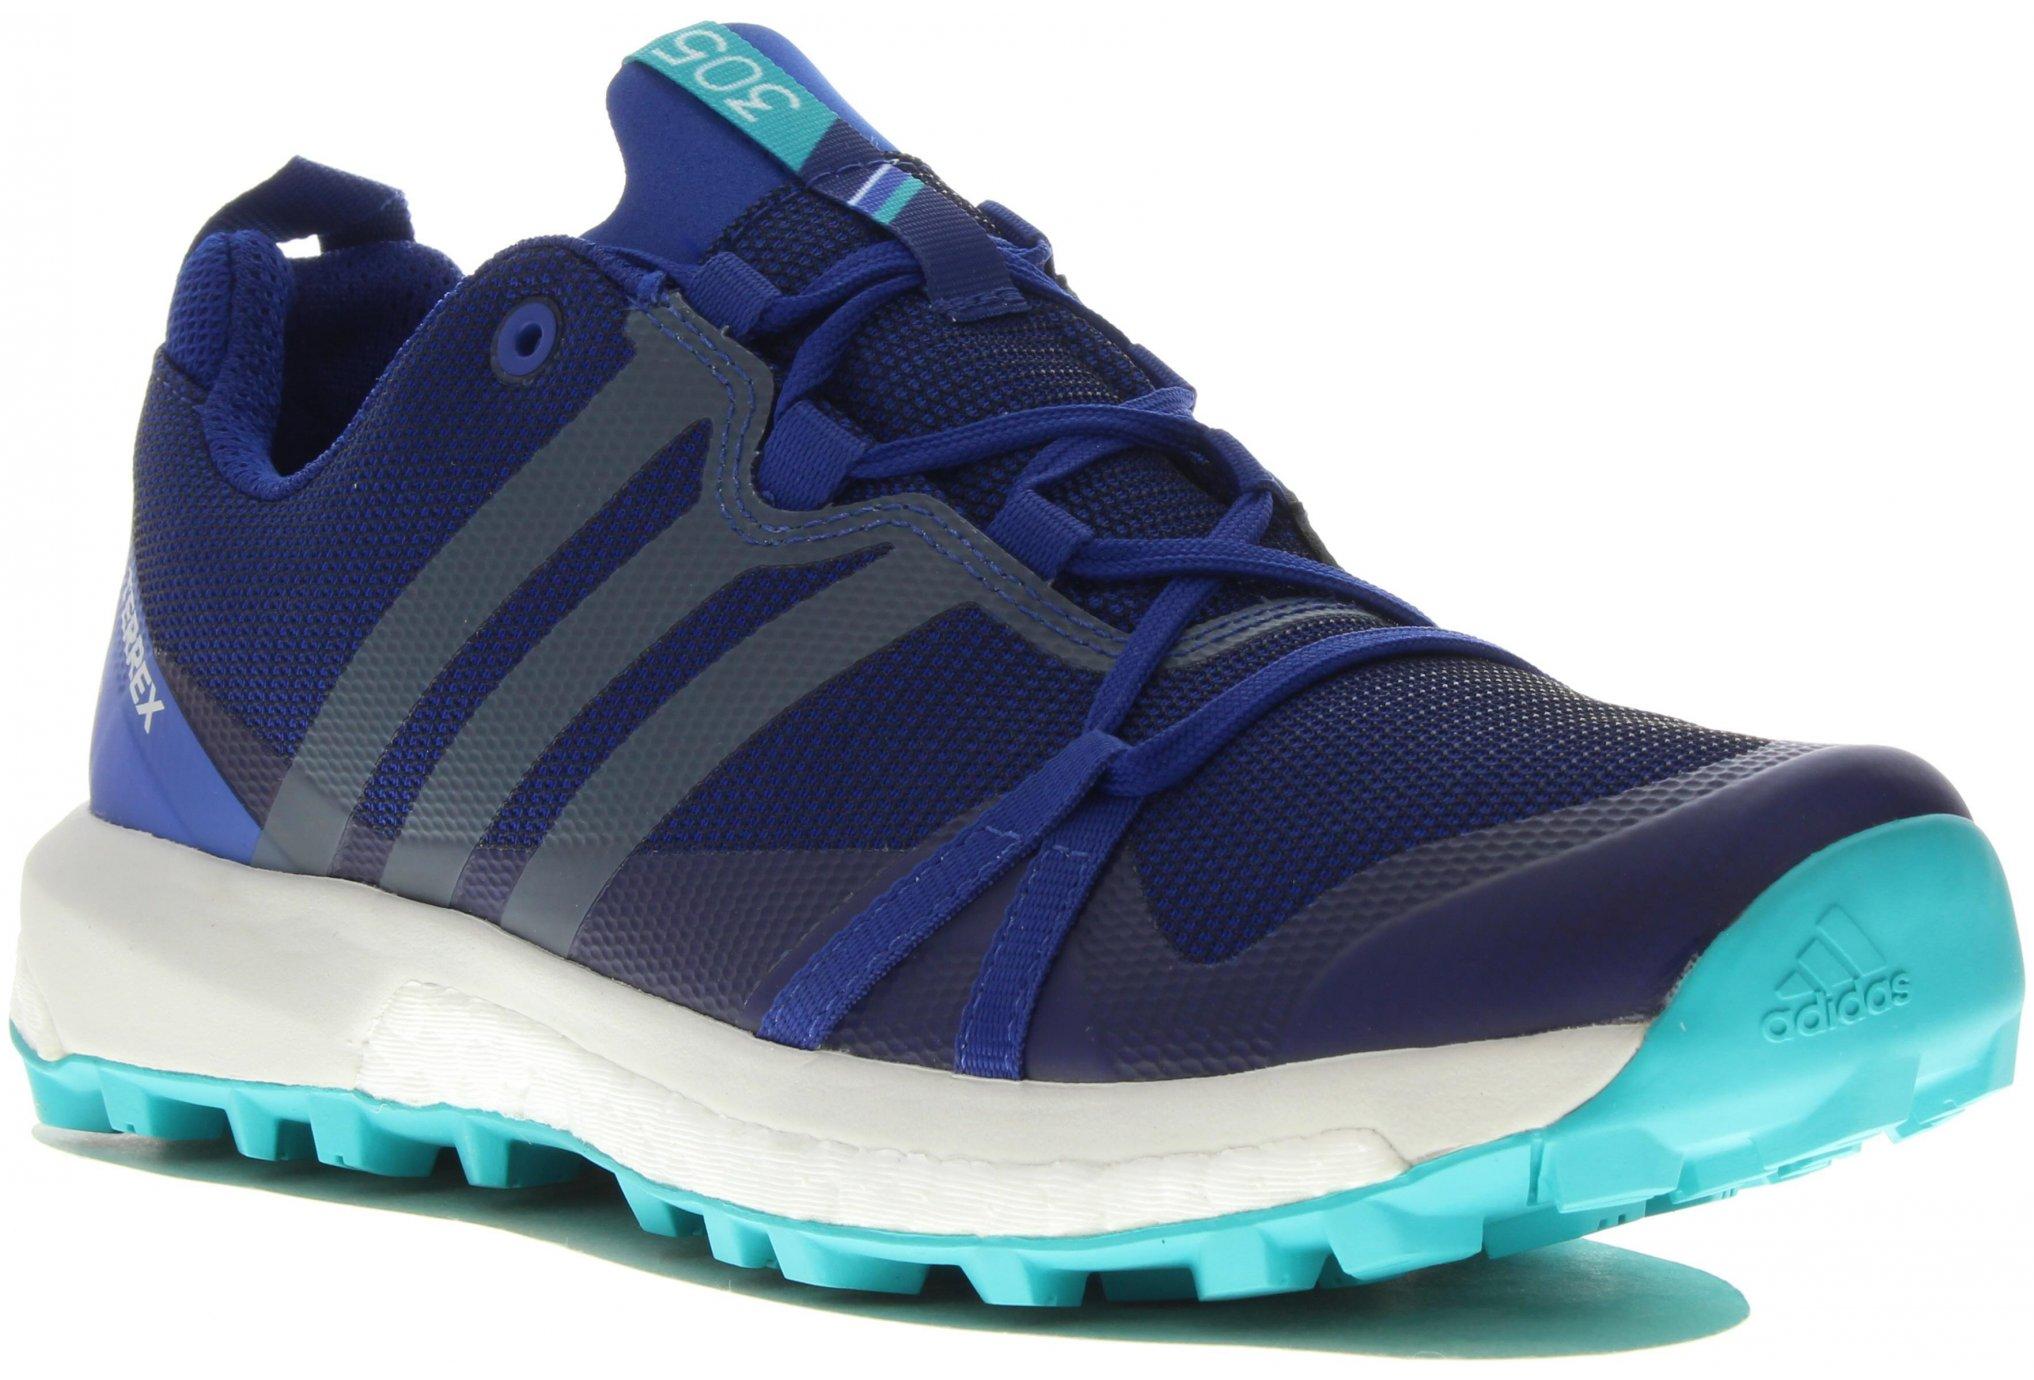 56cab73090ef72 Precios de Adidas Terrex Agravic baratas